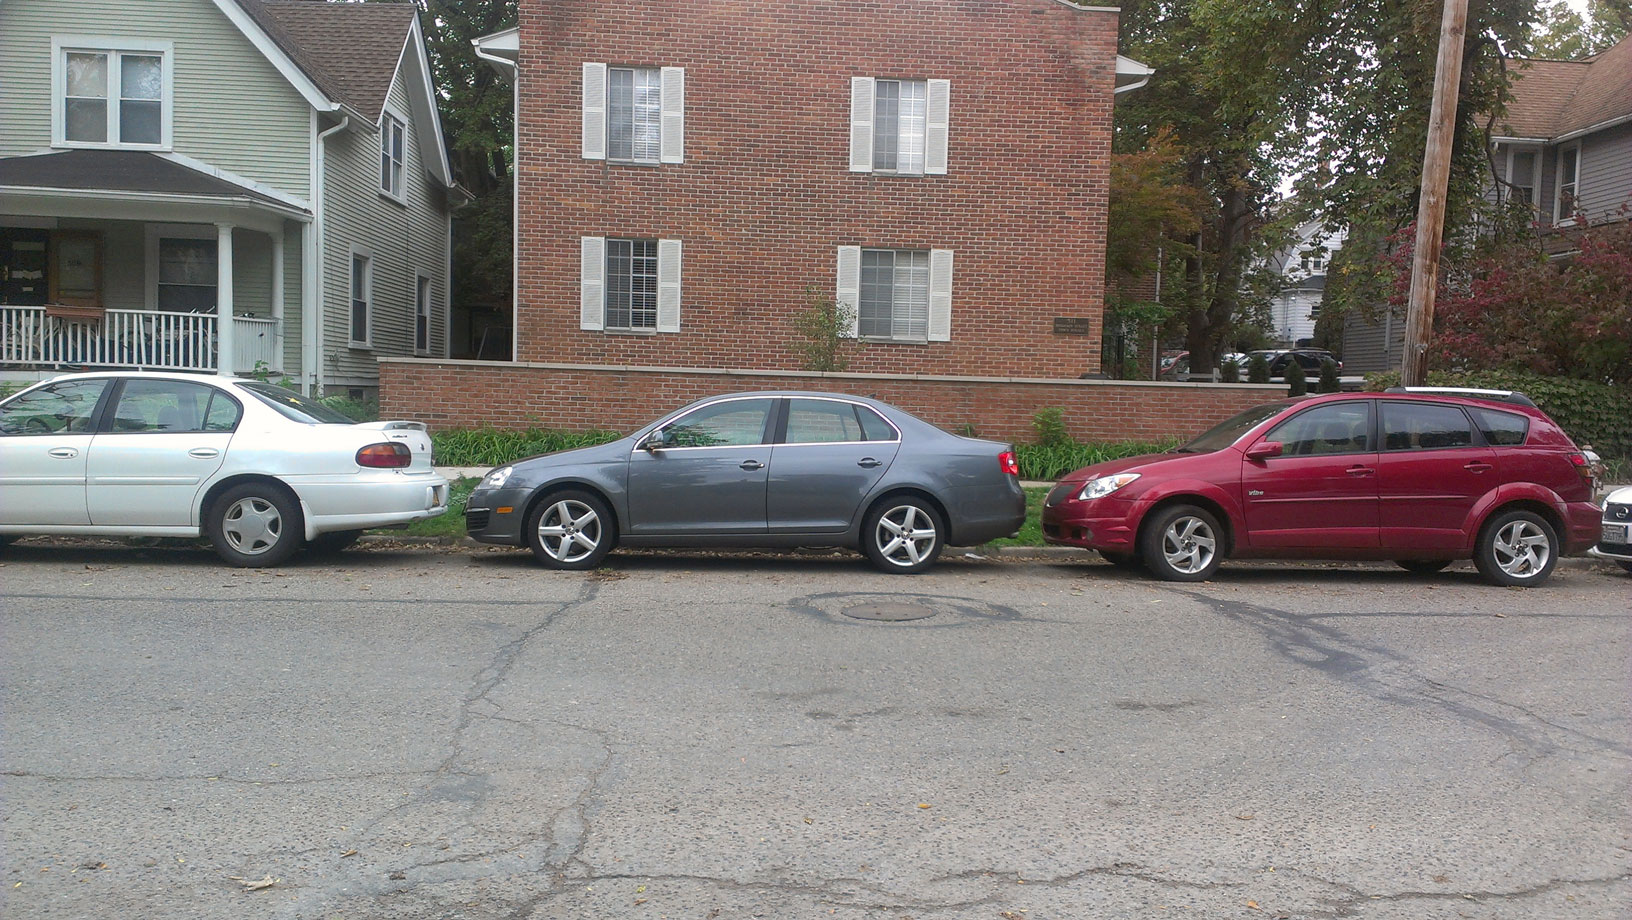 parallelparking.jpg